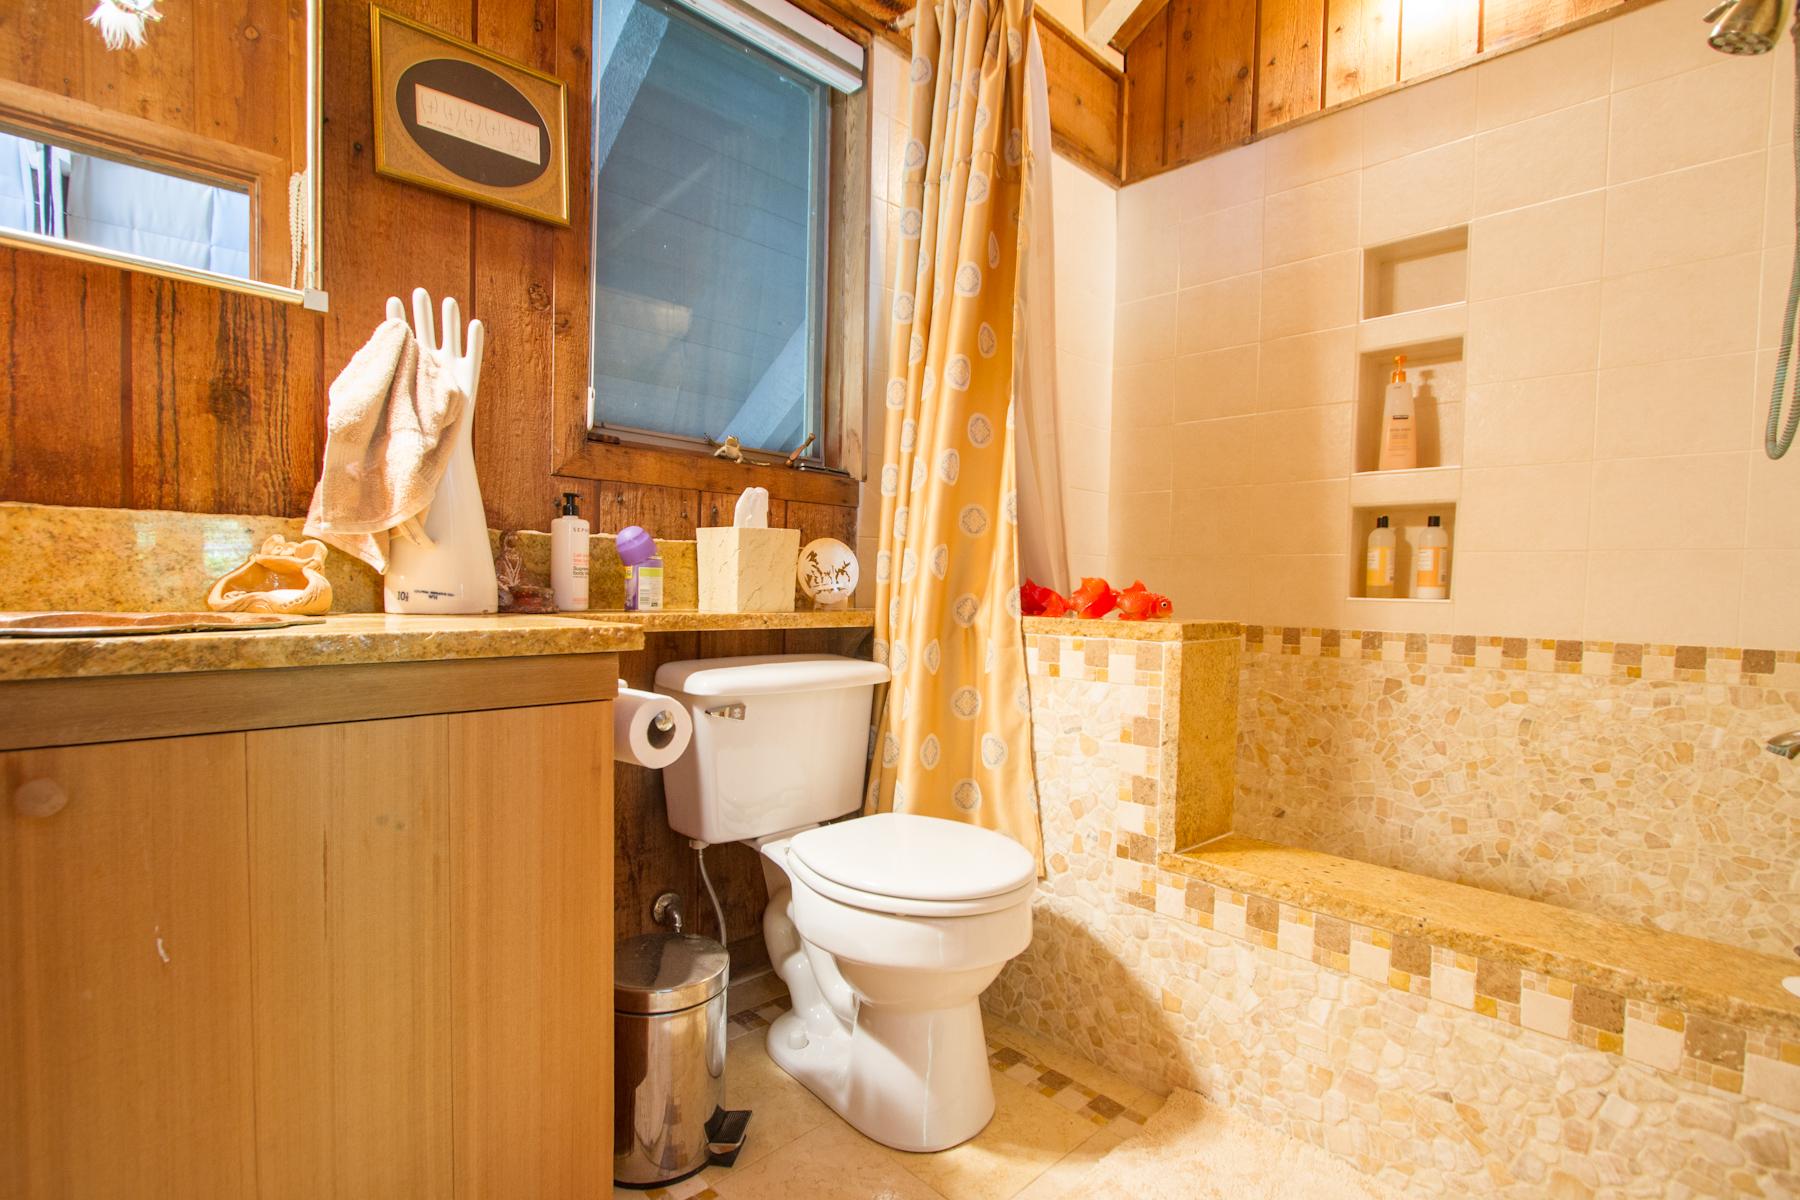 Yoga Studio Bathroom